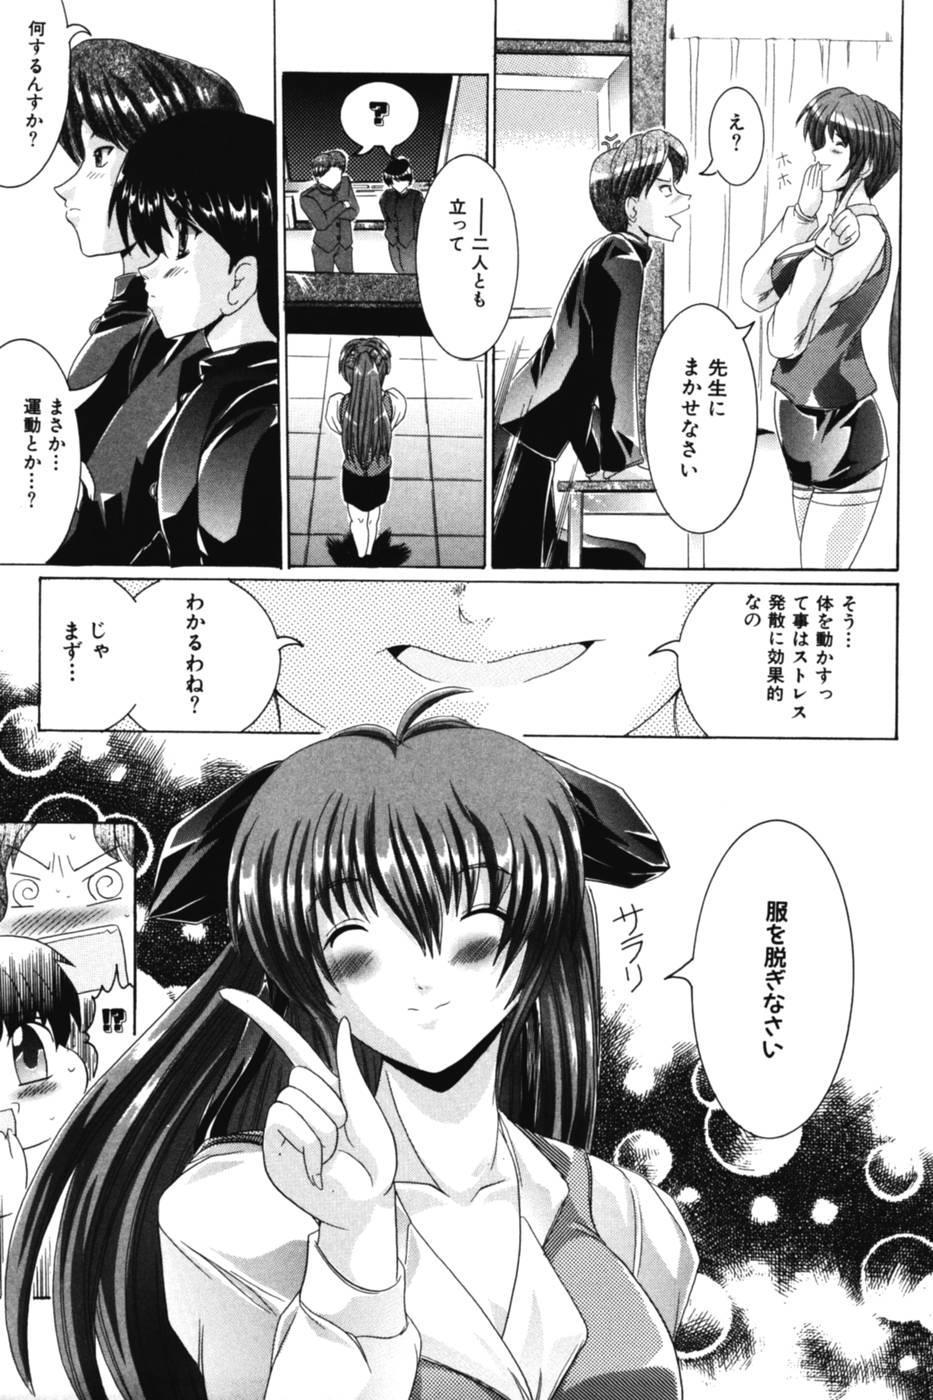 Onee-sama no Yuuwaku 20